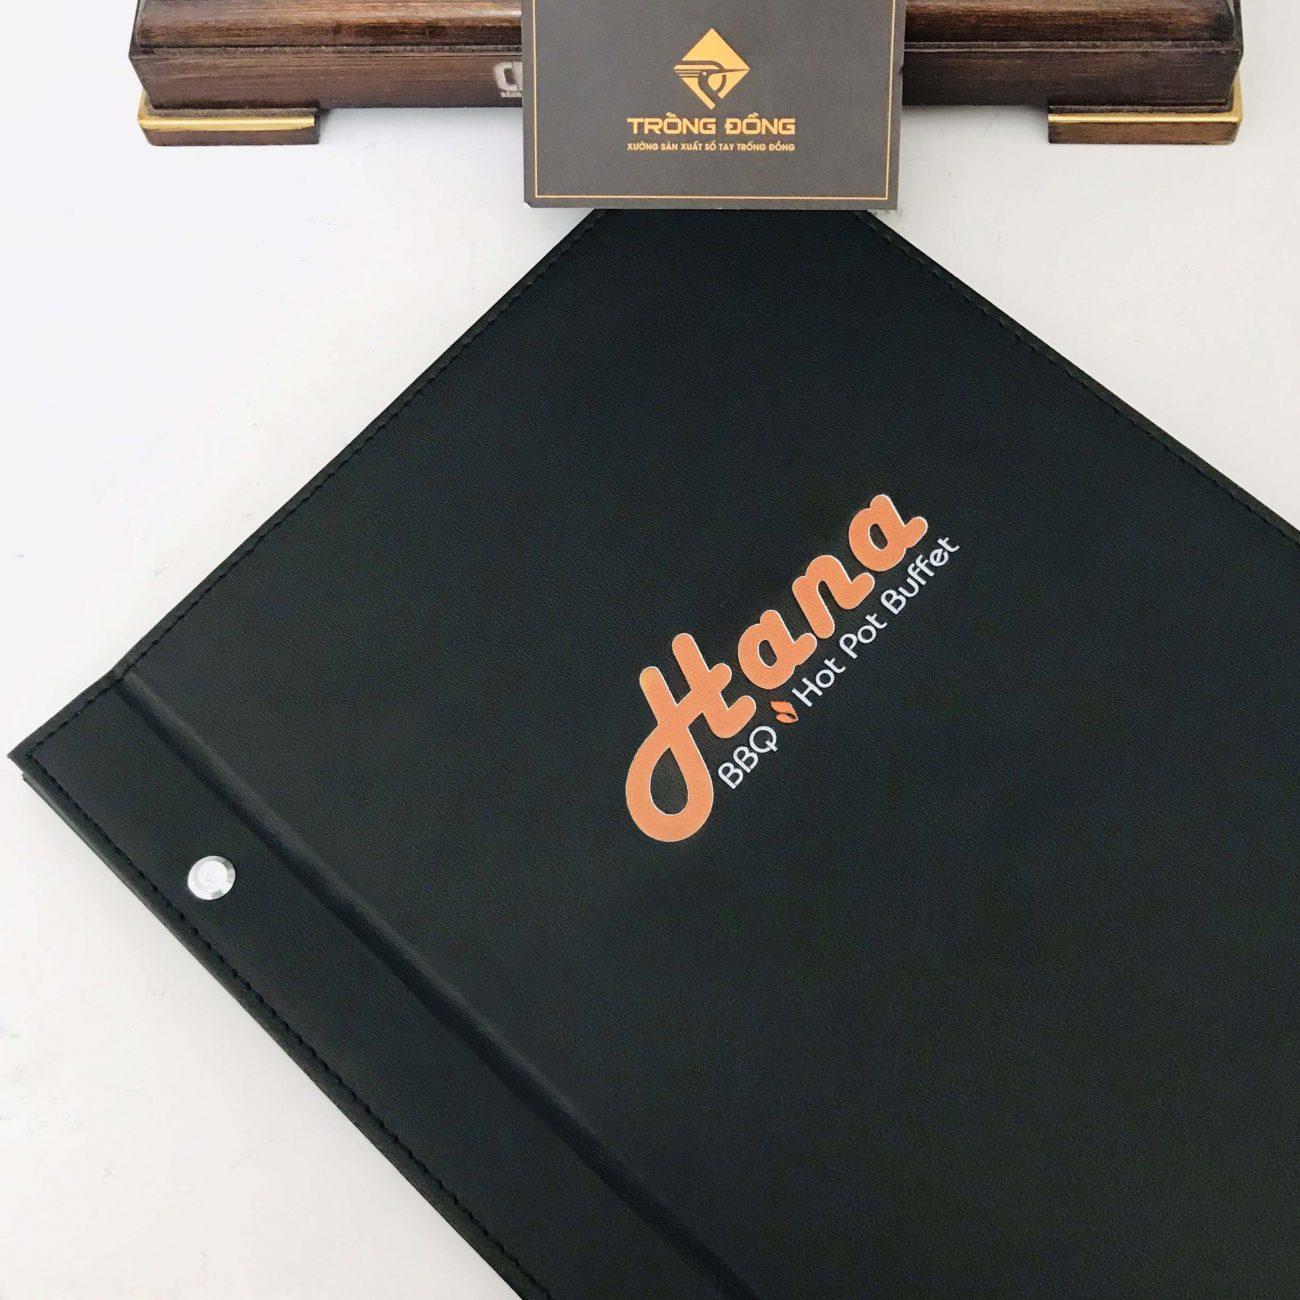 In logo lên bìa Menu nhà hàng, khách sạn...